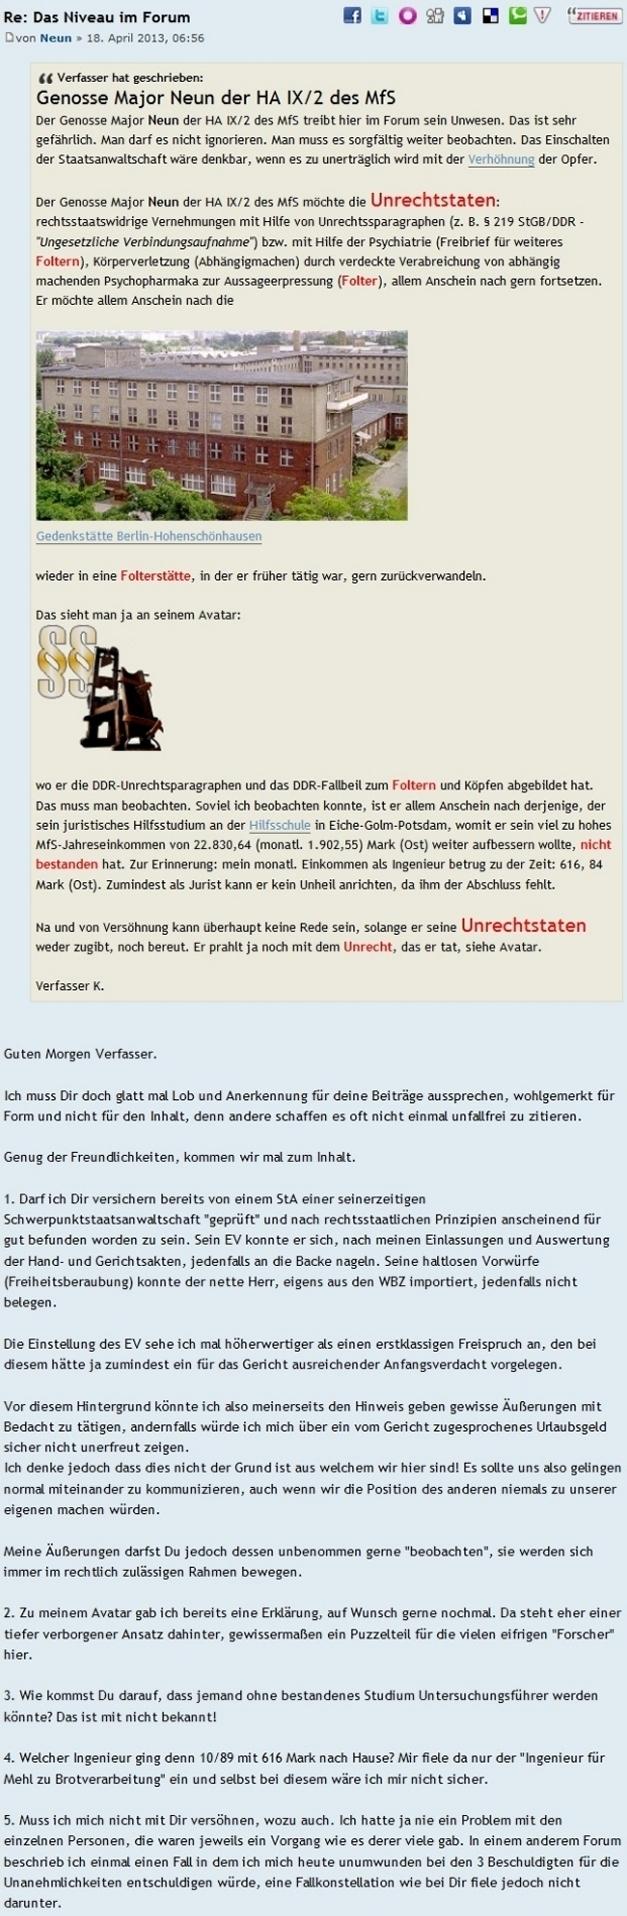 Charmant Fortsetzen Vorlagen Für Ingenieure Galerie - Beispiel ...